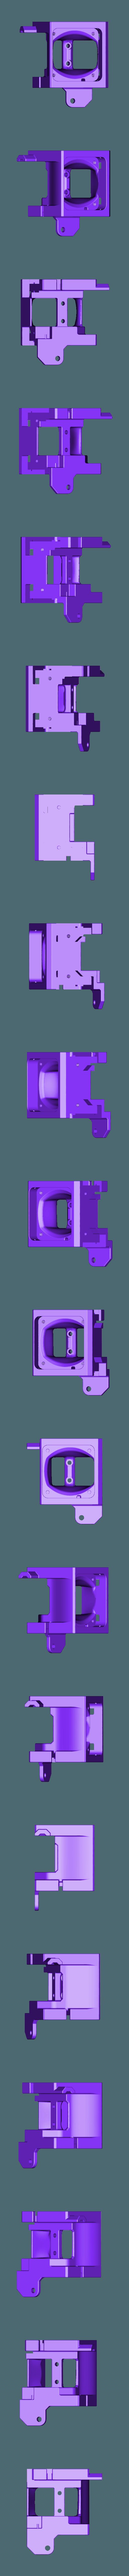 Fan_Housing.stl Télécharger fichier STL gratuit Refroidissement des bouts de choux de Creality et conduit remplaçable • Modèle pour impression 3D, Theshort